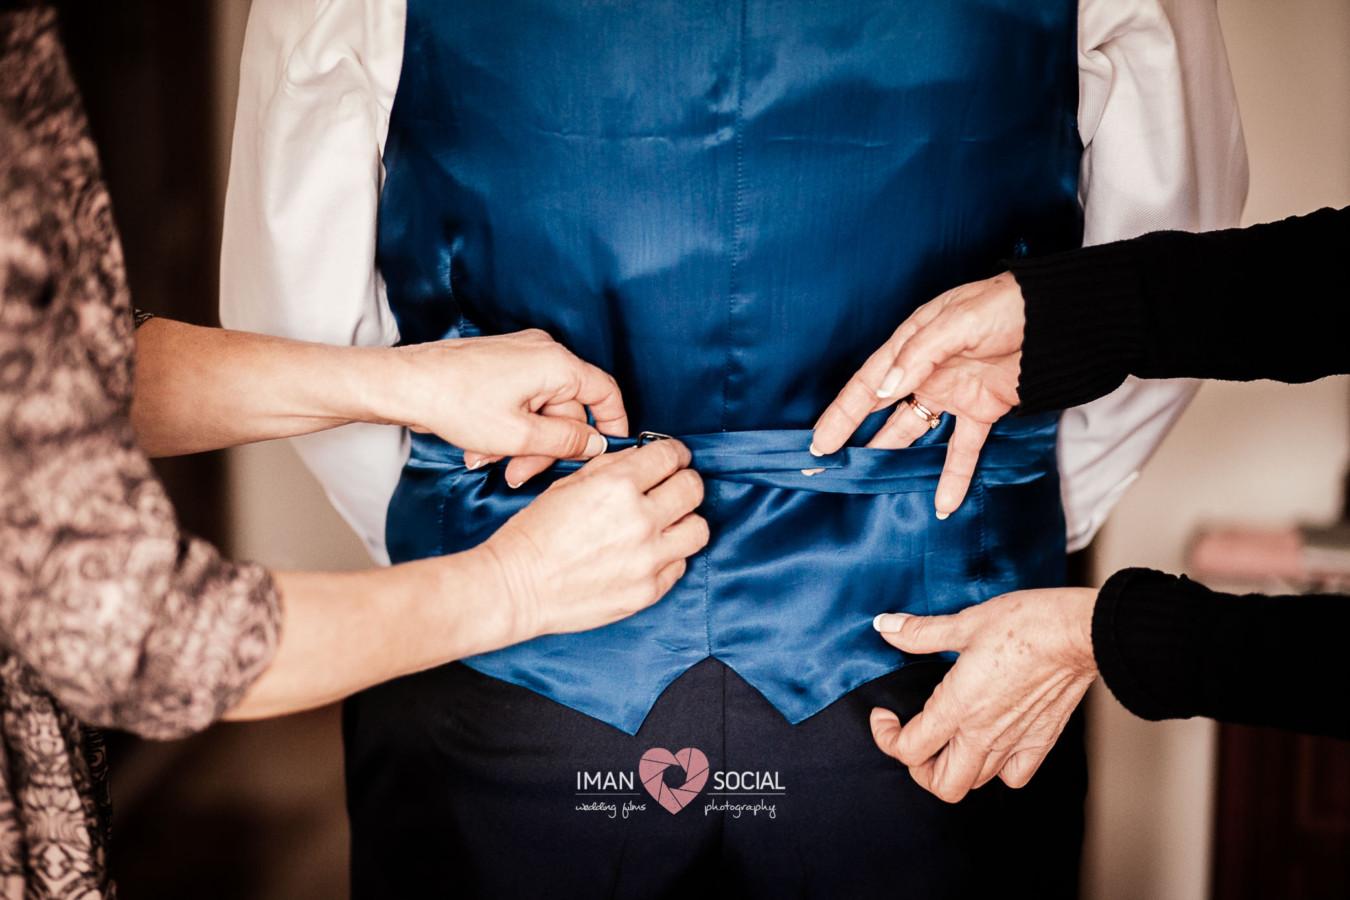 fotografo-de-boda-en-cordoba-sevilla-posadas-boda-auxi-y-antonio-04 Auxi & Antonio, primera boda de la temporada - video boda cordoba